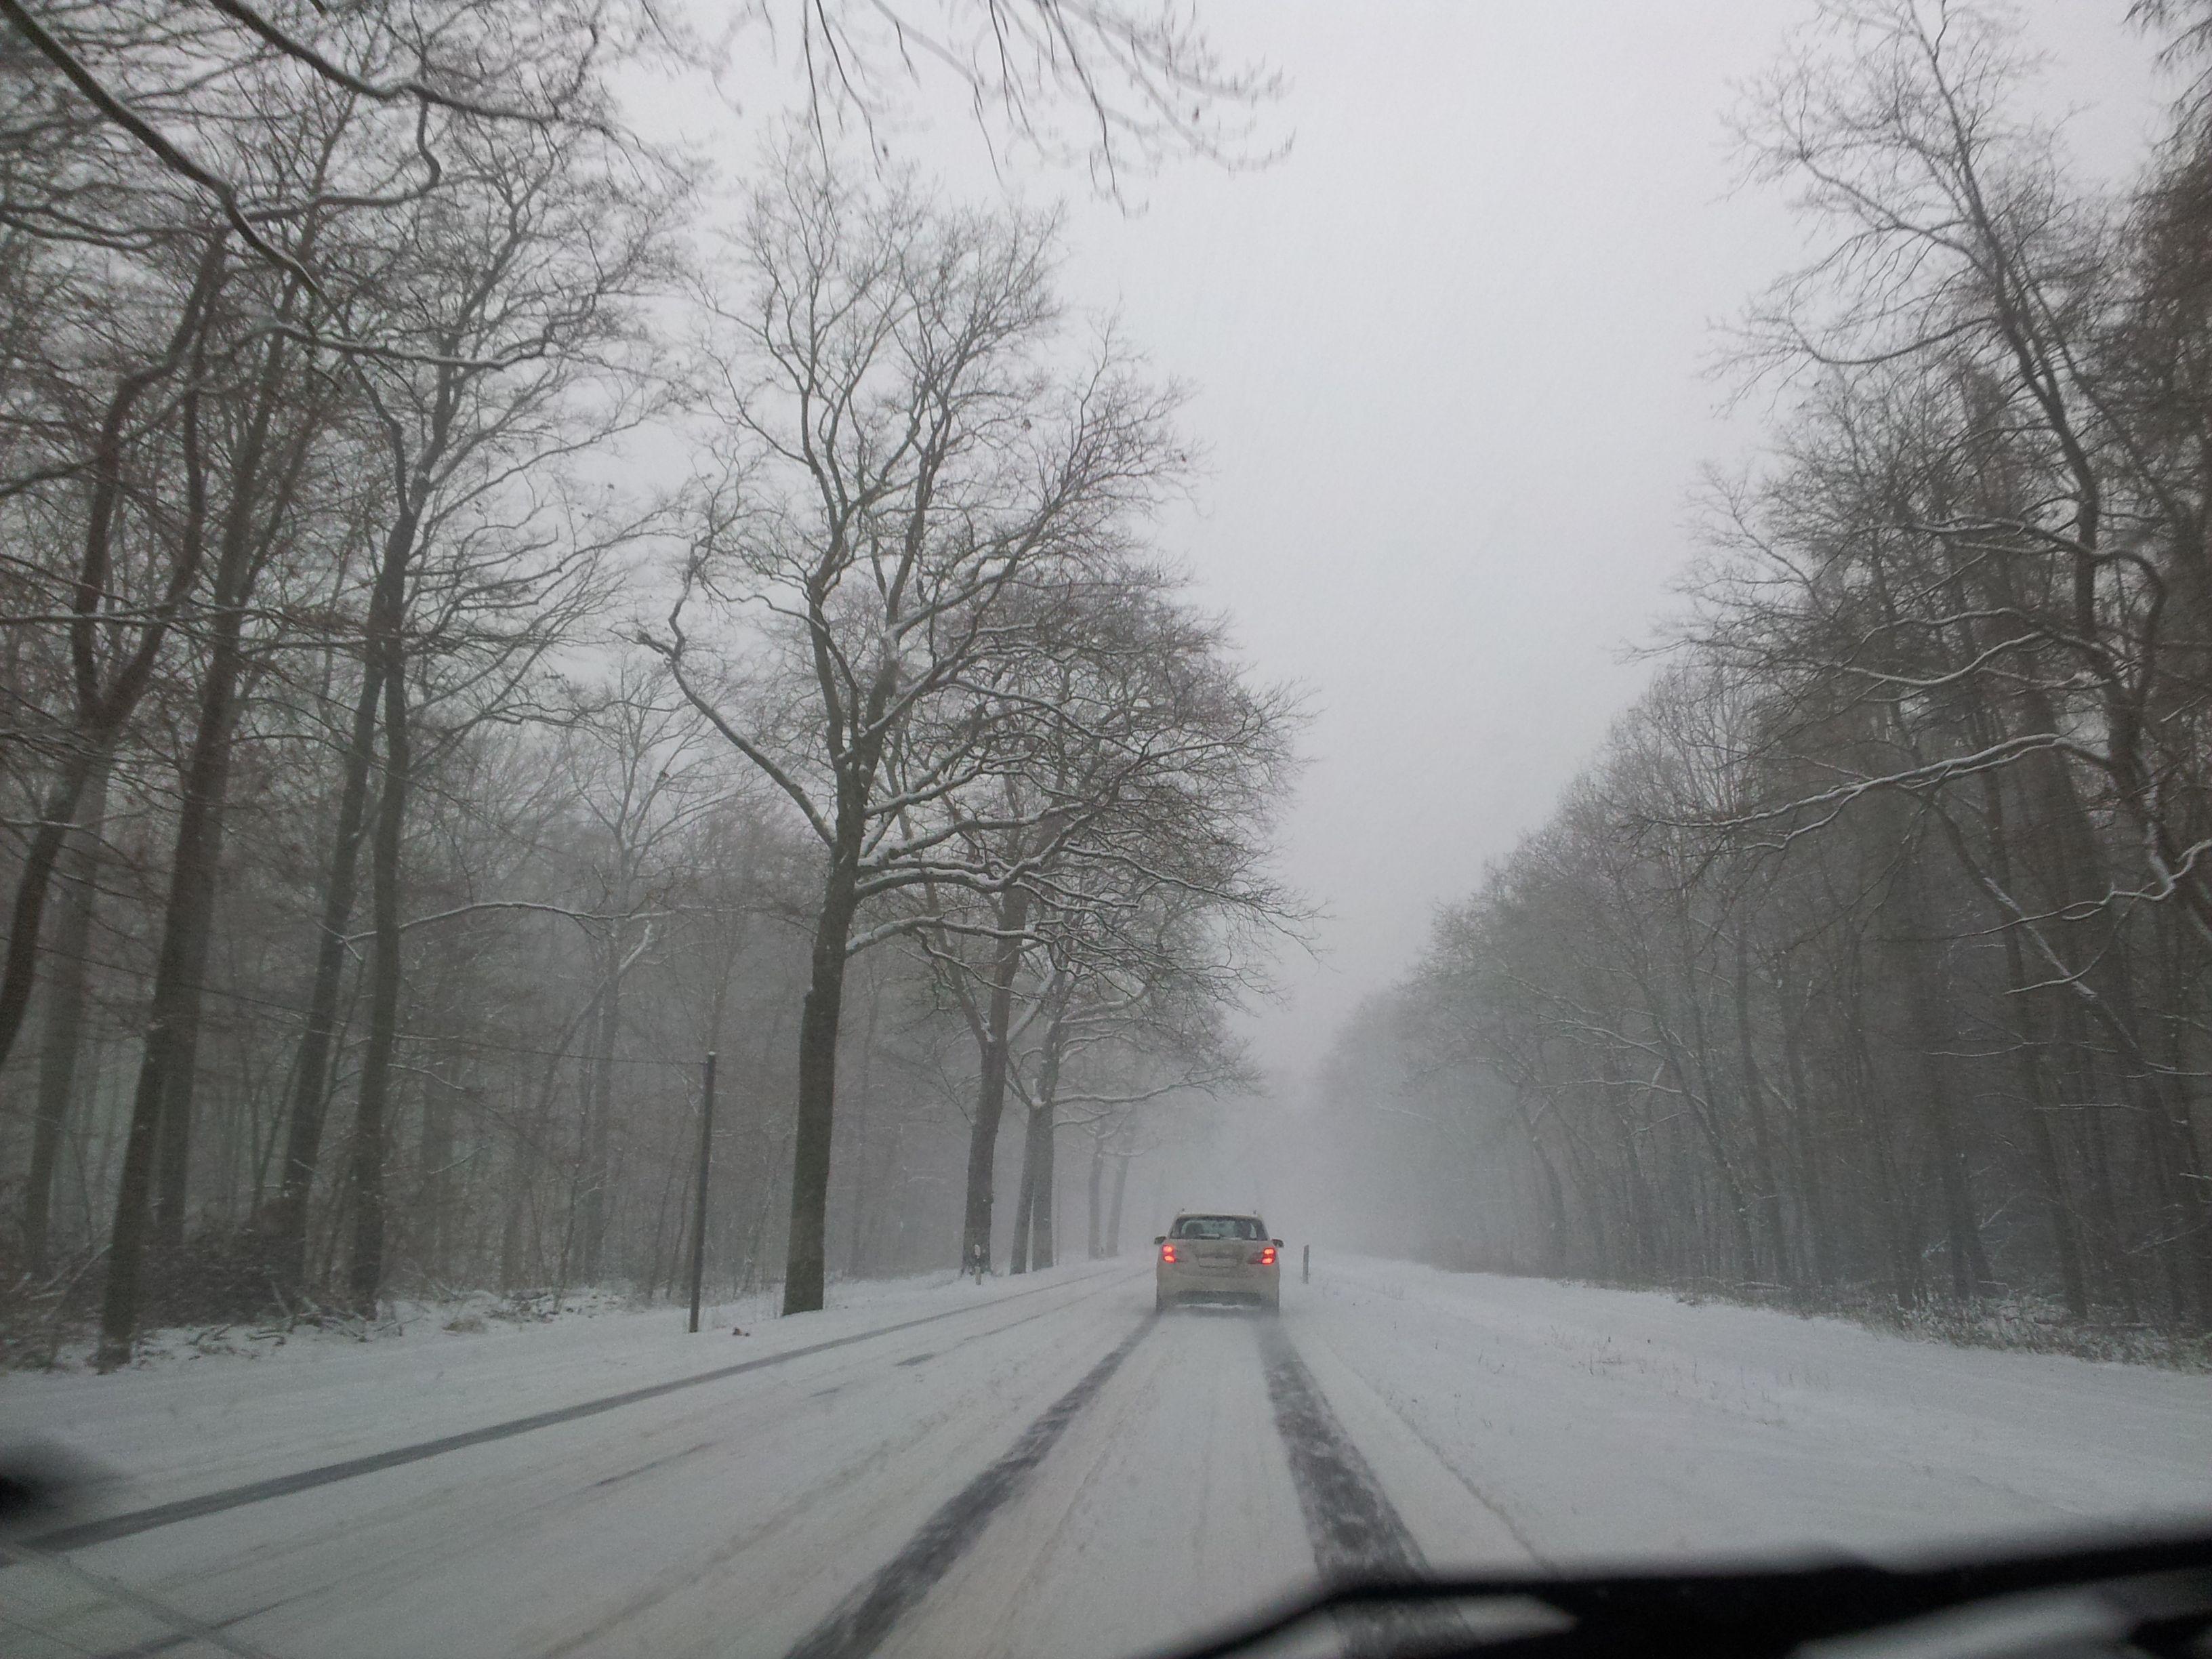 Auf dem Weg von Potsdam nach Geltow am Dienstag, 11. Dezember 2012.